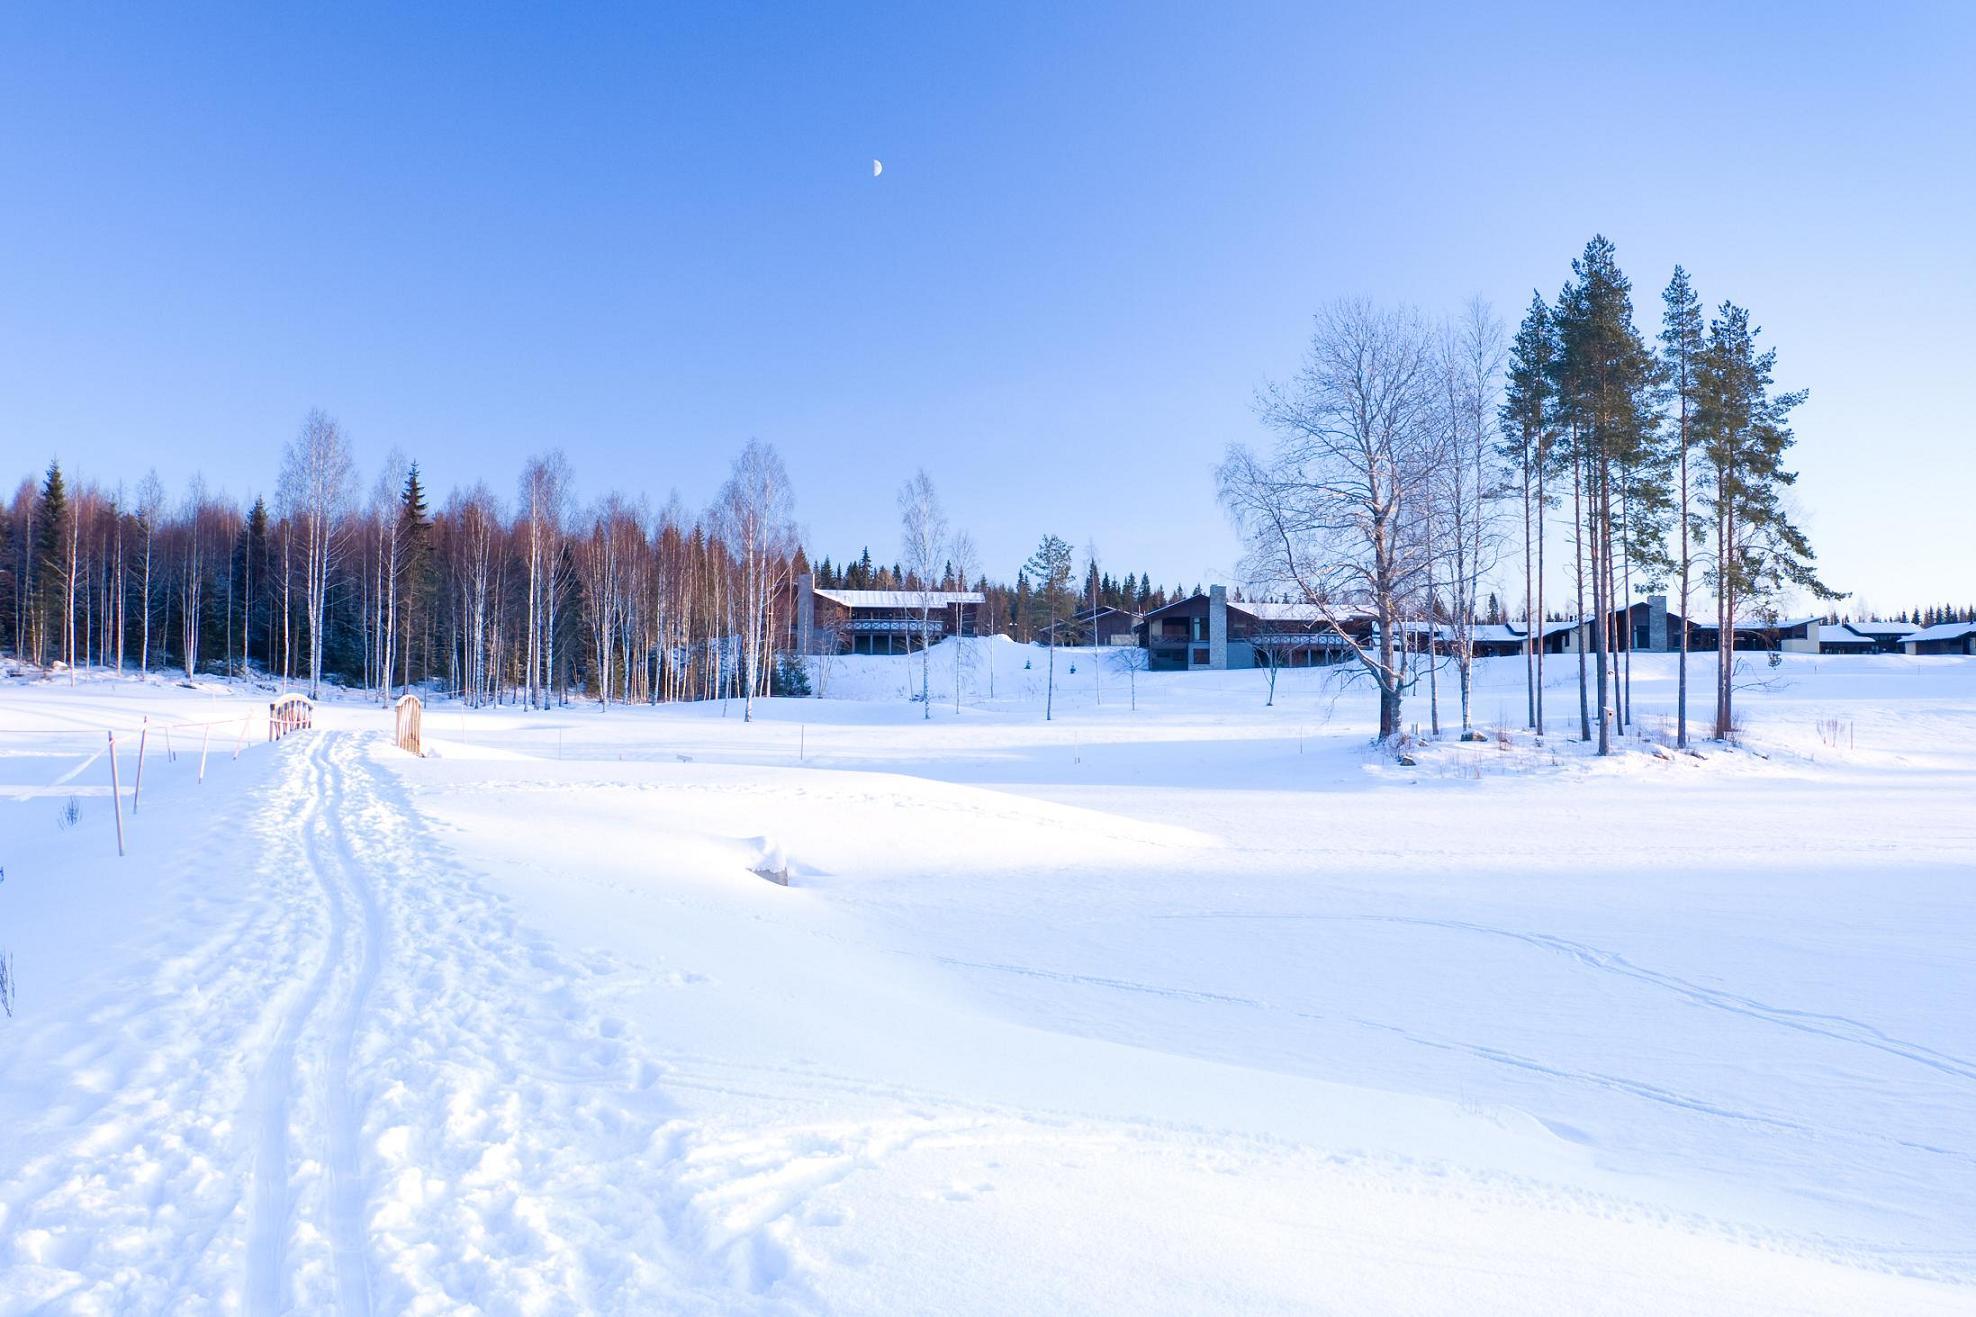 морозный день, зимы торжество, мороз и солнце